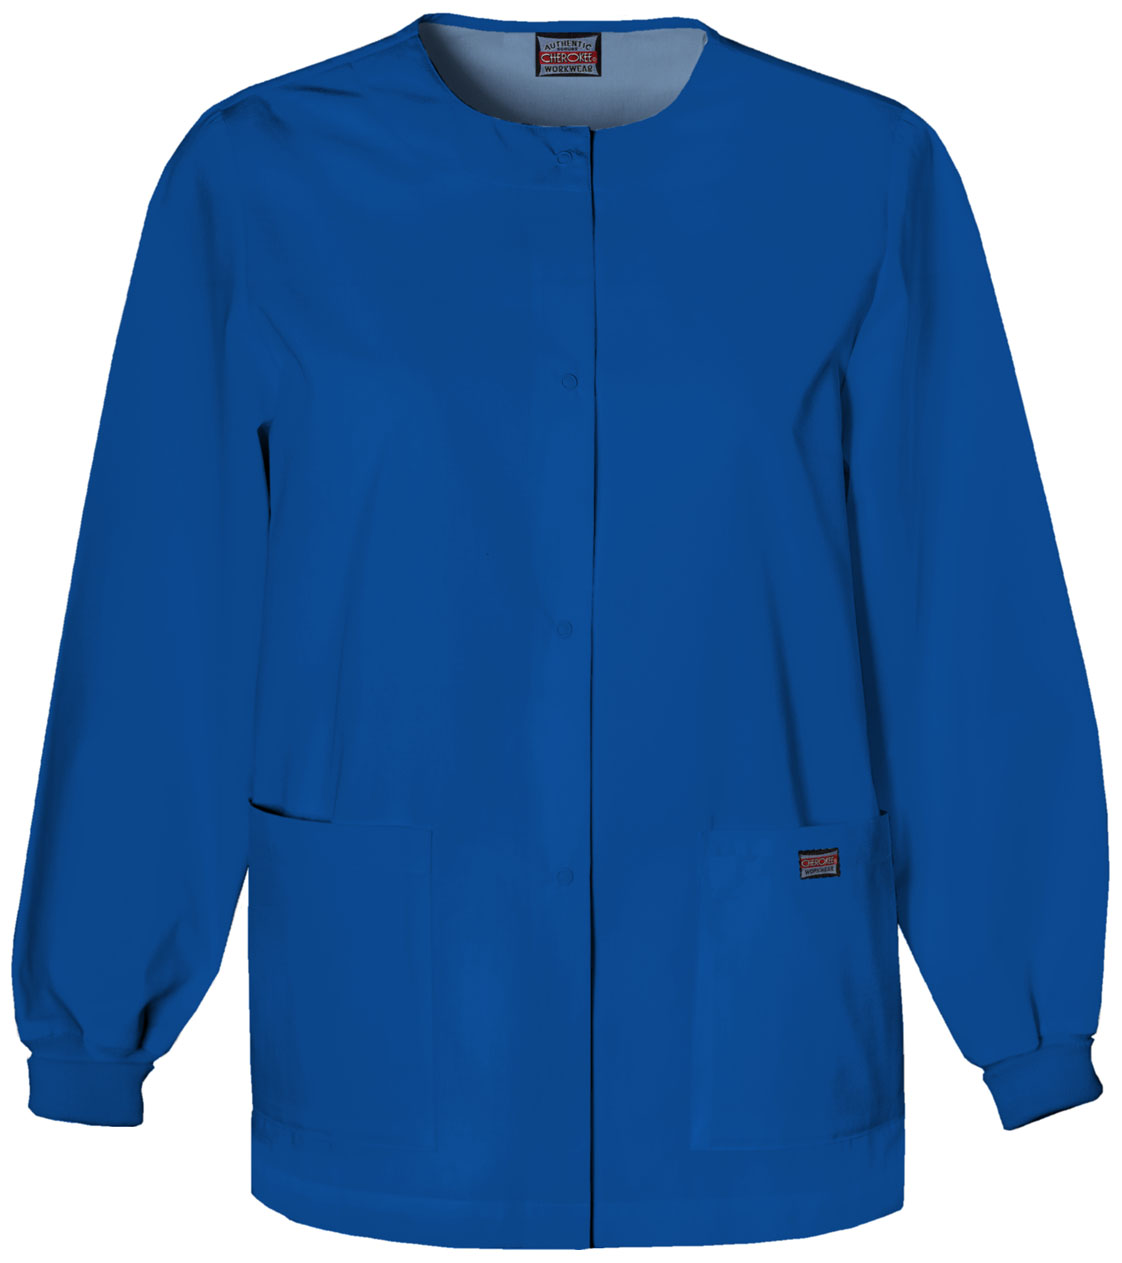 Program Item - Cherokee Originals Women's Snap Front Warm-Up Jacket 4350